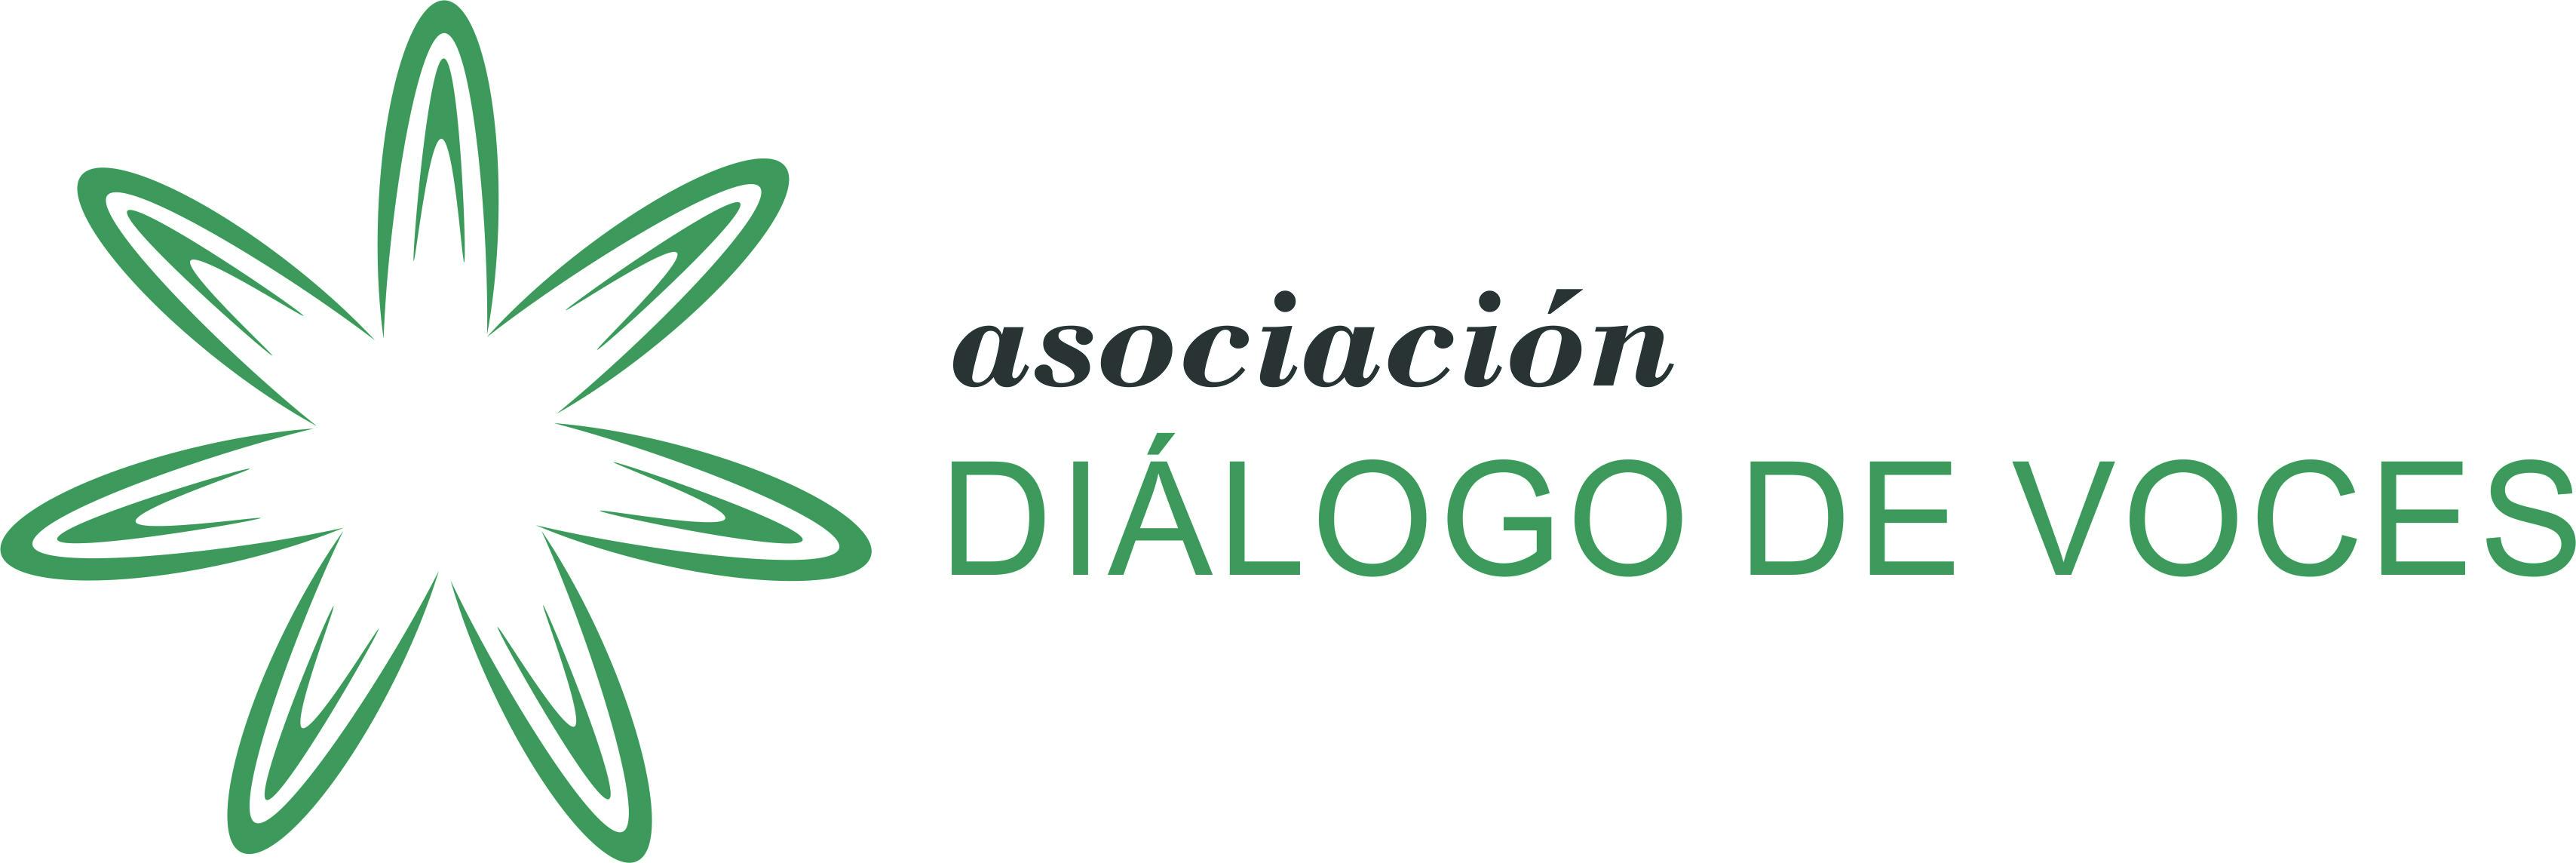 Diálogo de Voces